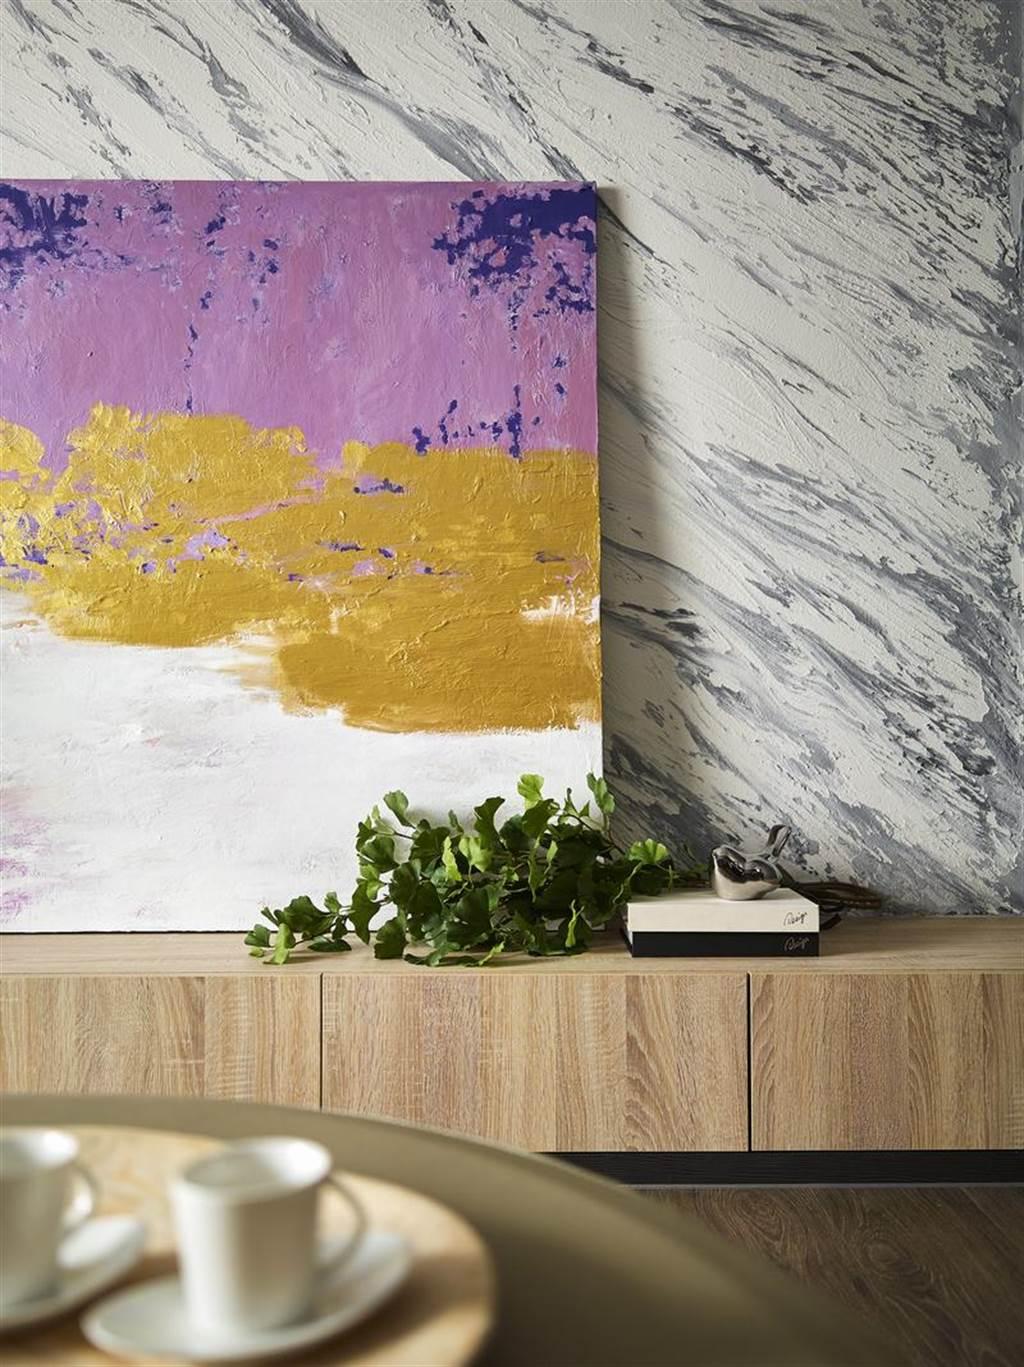 以多彩塗料為空間展現更多樣表情,不僅訴求健康,更為居家形塑專屬風格美學。(圖片提供/伸達股份有限公司)